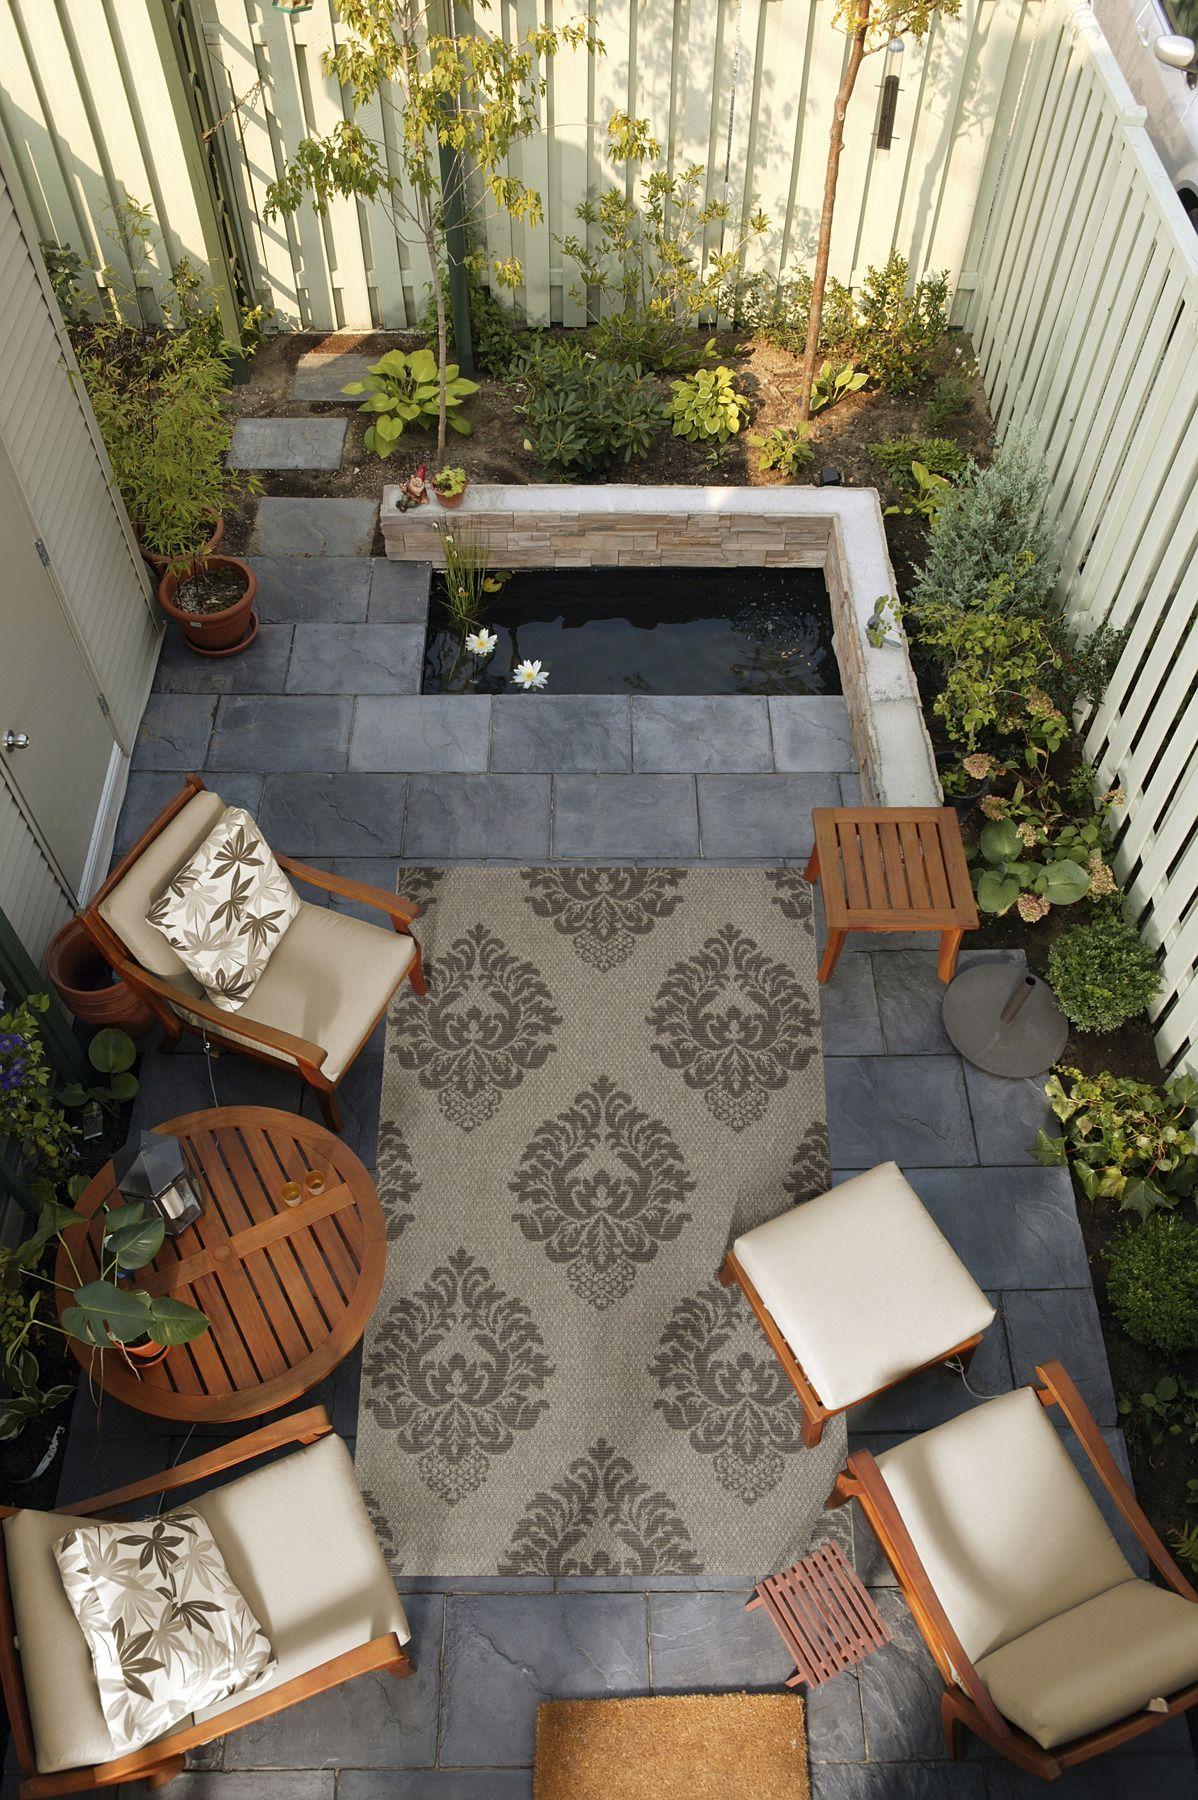 small outdoor space Backyard, ideas, garden, diy, bbq, hammock, pation - Small Outdoor Space Backyard, Ideas, Garden, Diy, Bbq, Hammock